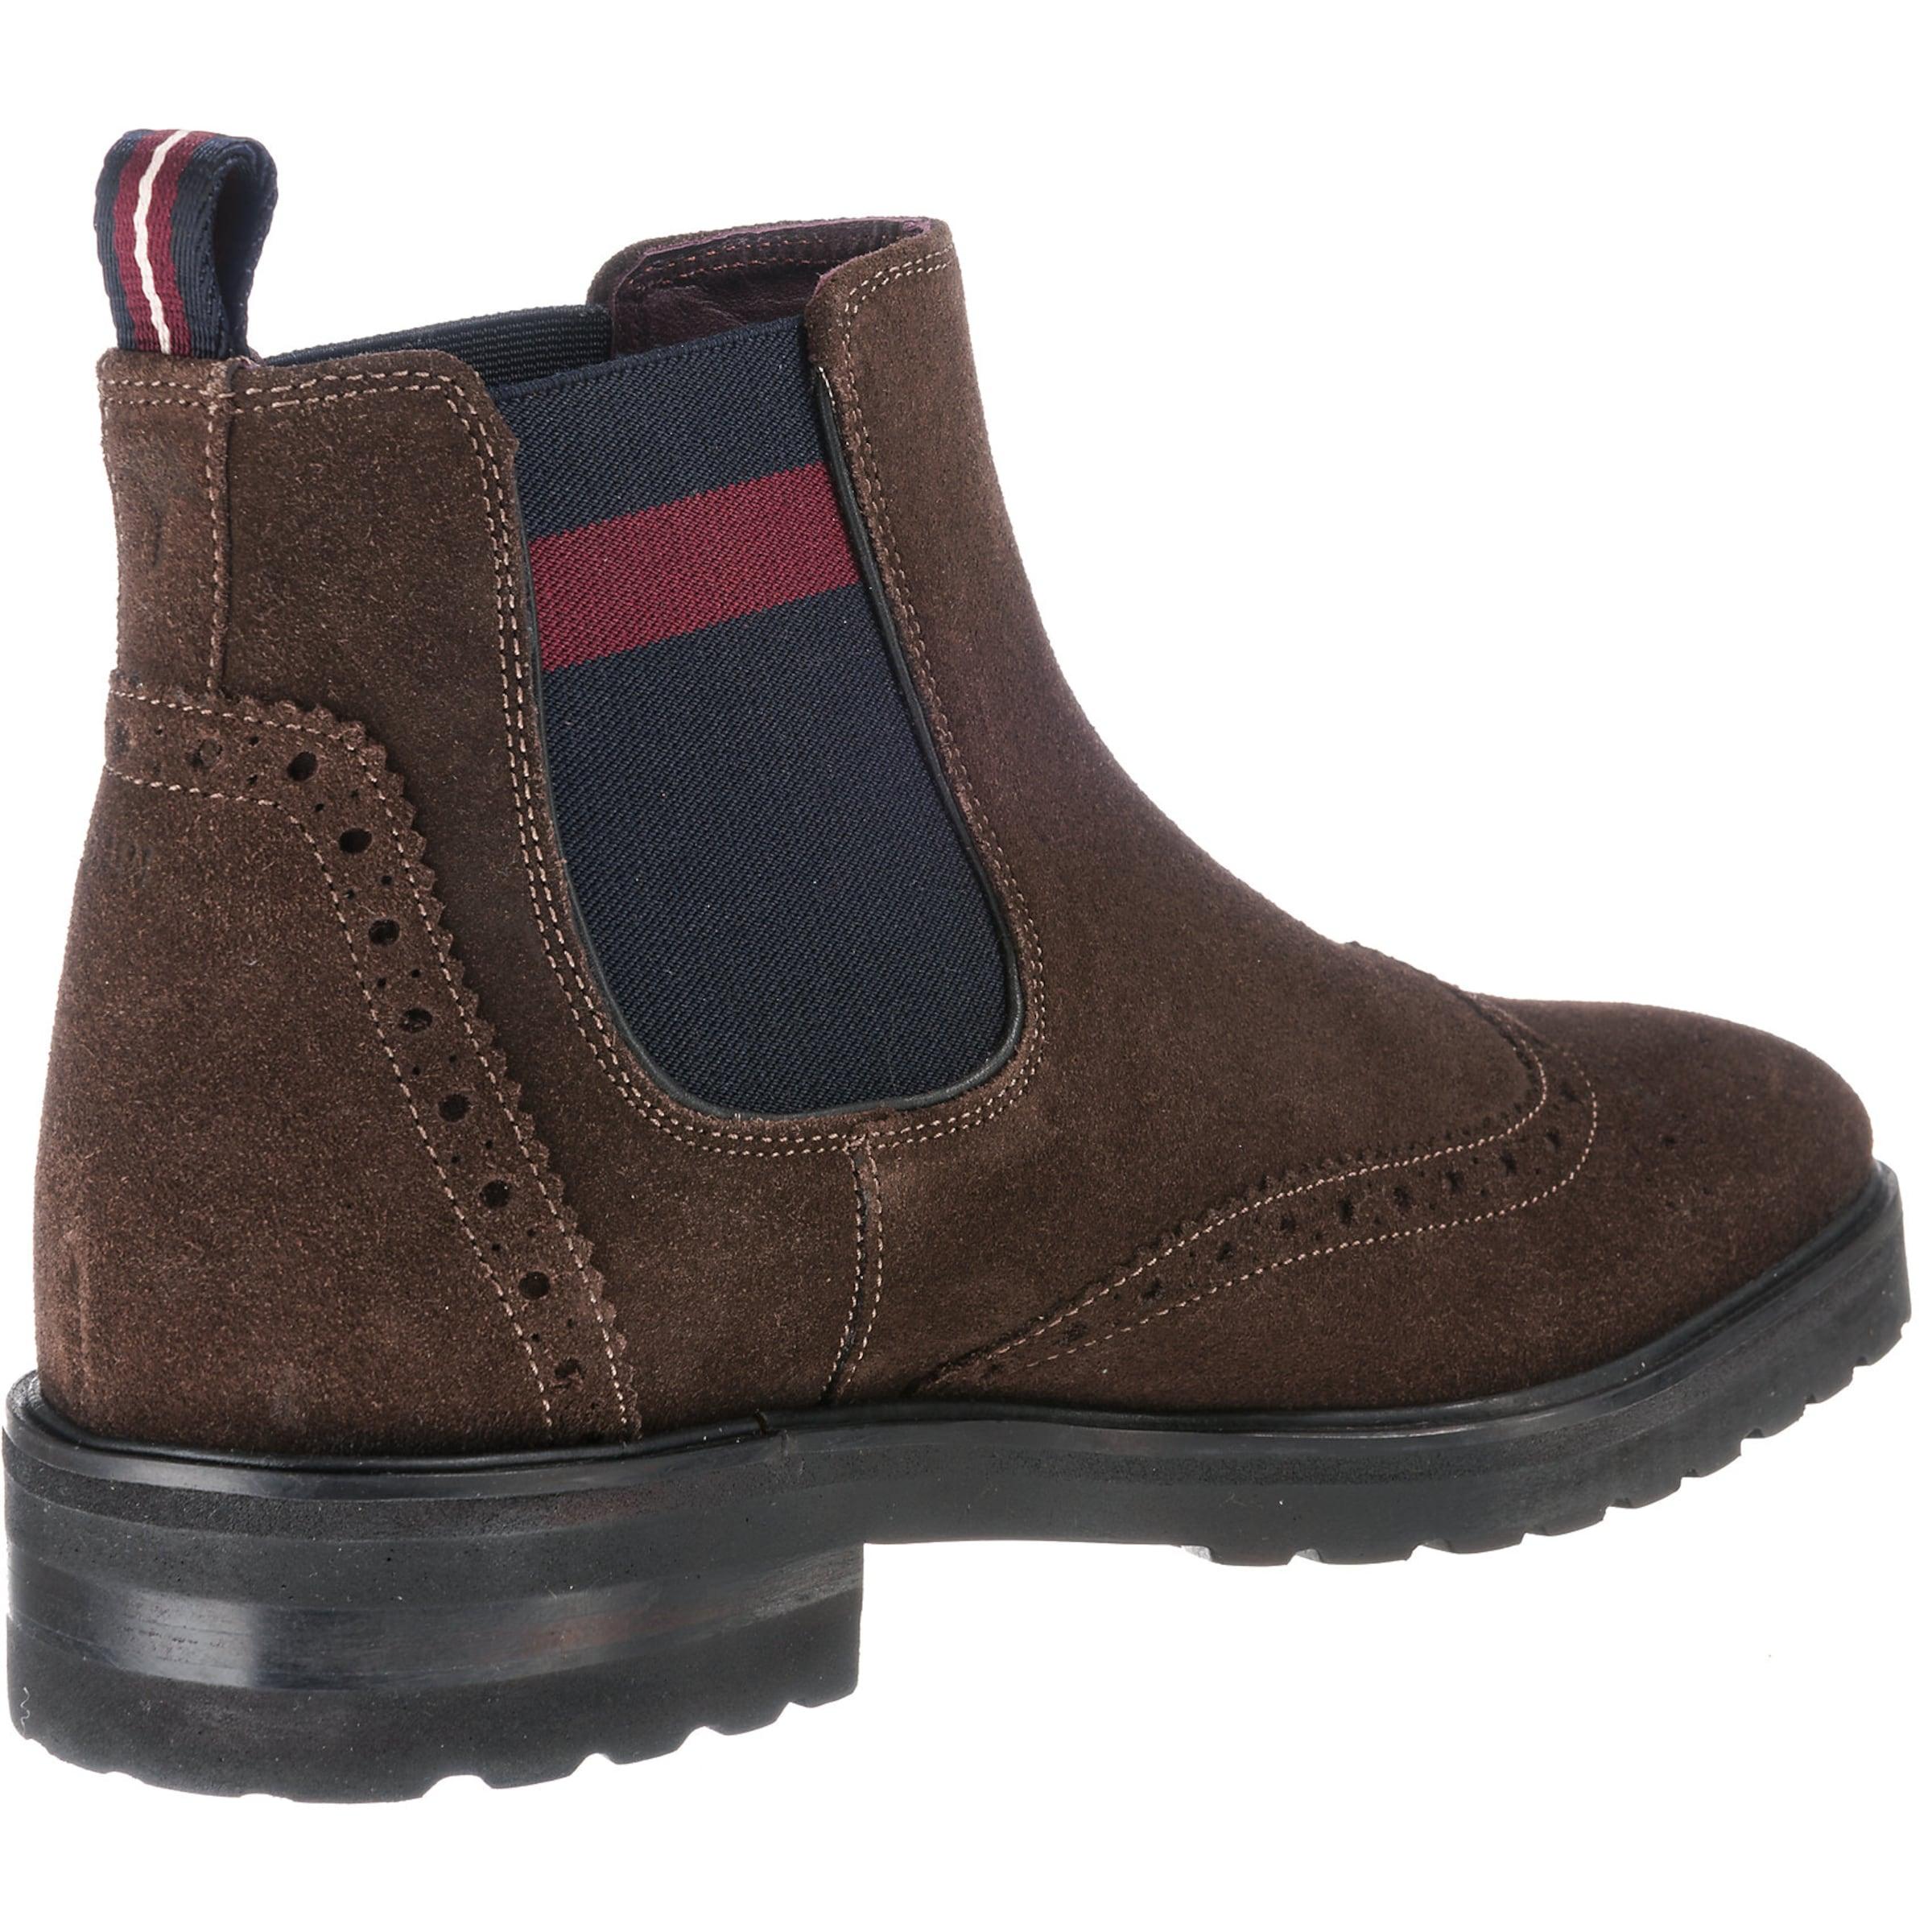 JoopChelsea JoopChelsea Rot In In Boots DunkelblauBraun Boots Rot DunkelblauBraun JoopChelsea Boots In DunkelblauBraun OvPmw8nyN0